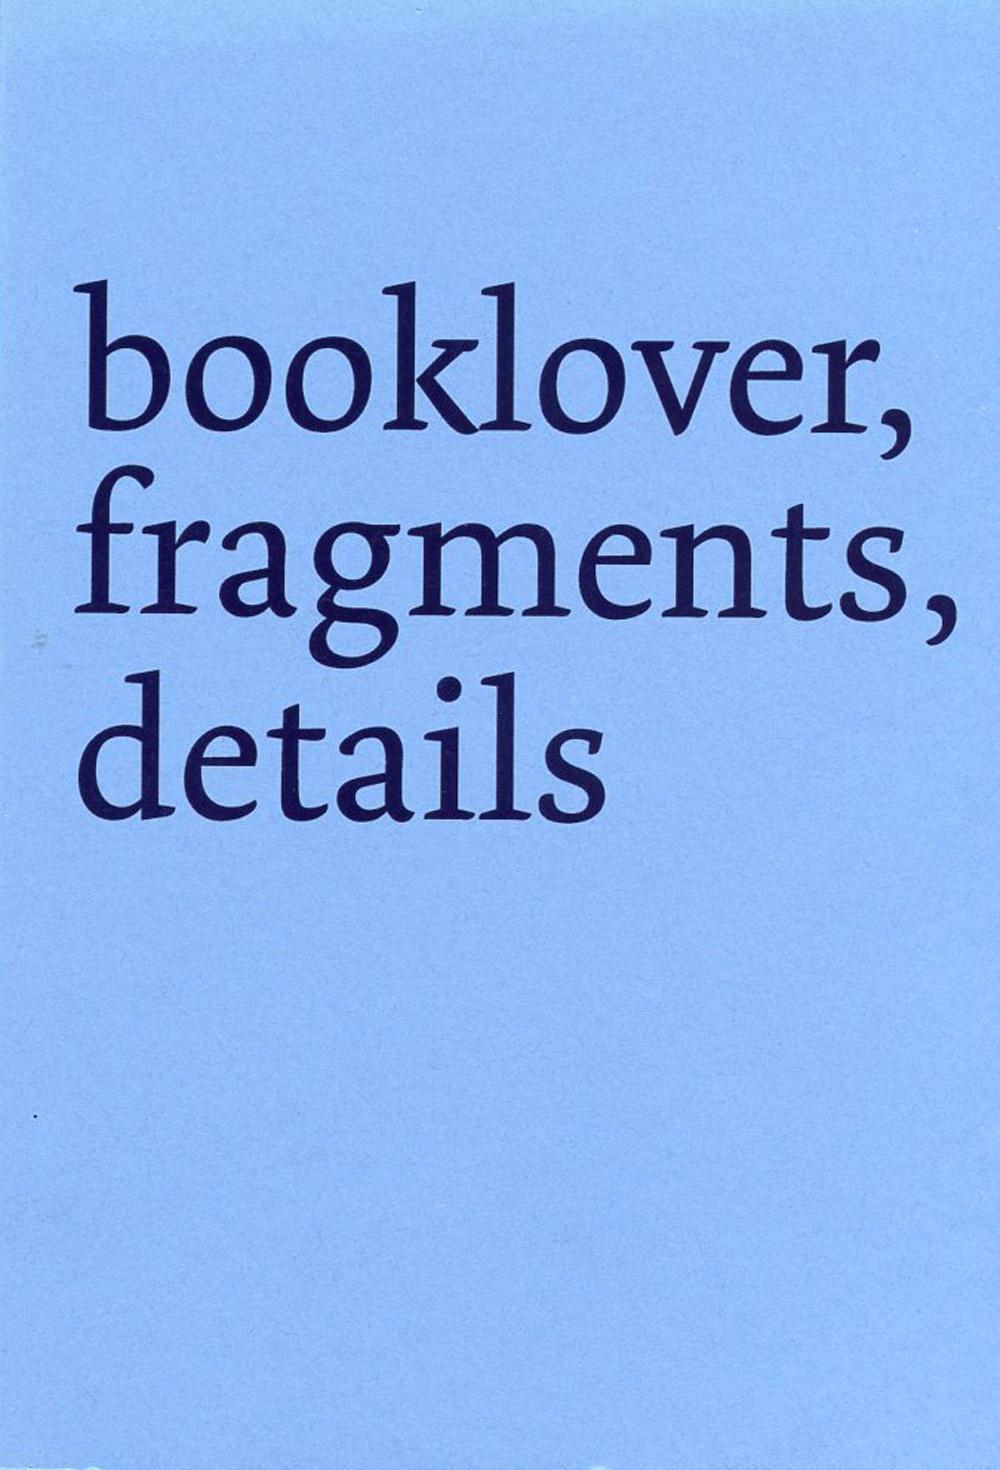 Derek Sullivan: booklover, fragments, details